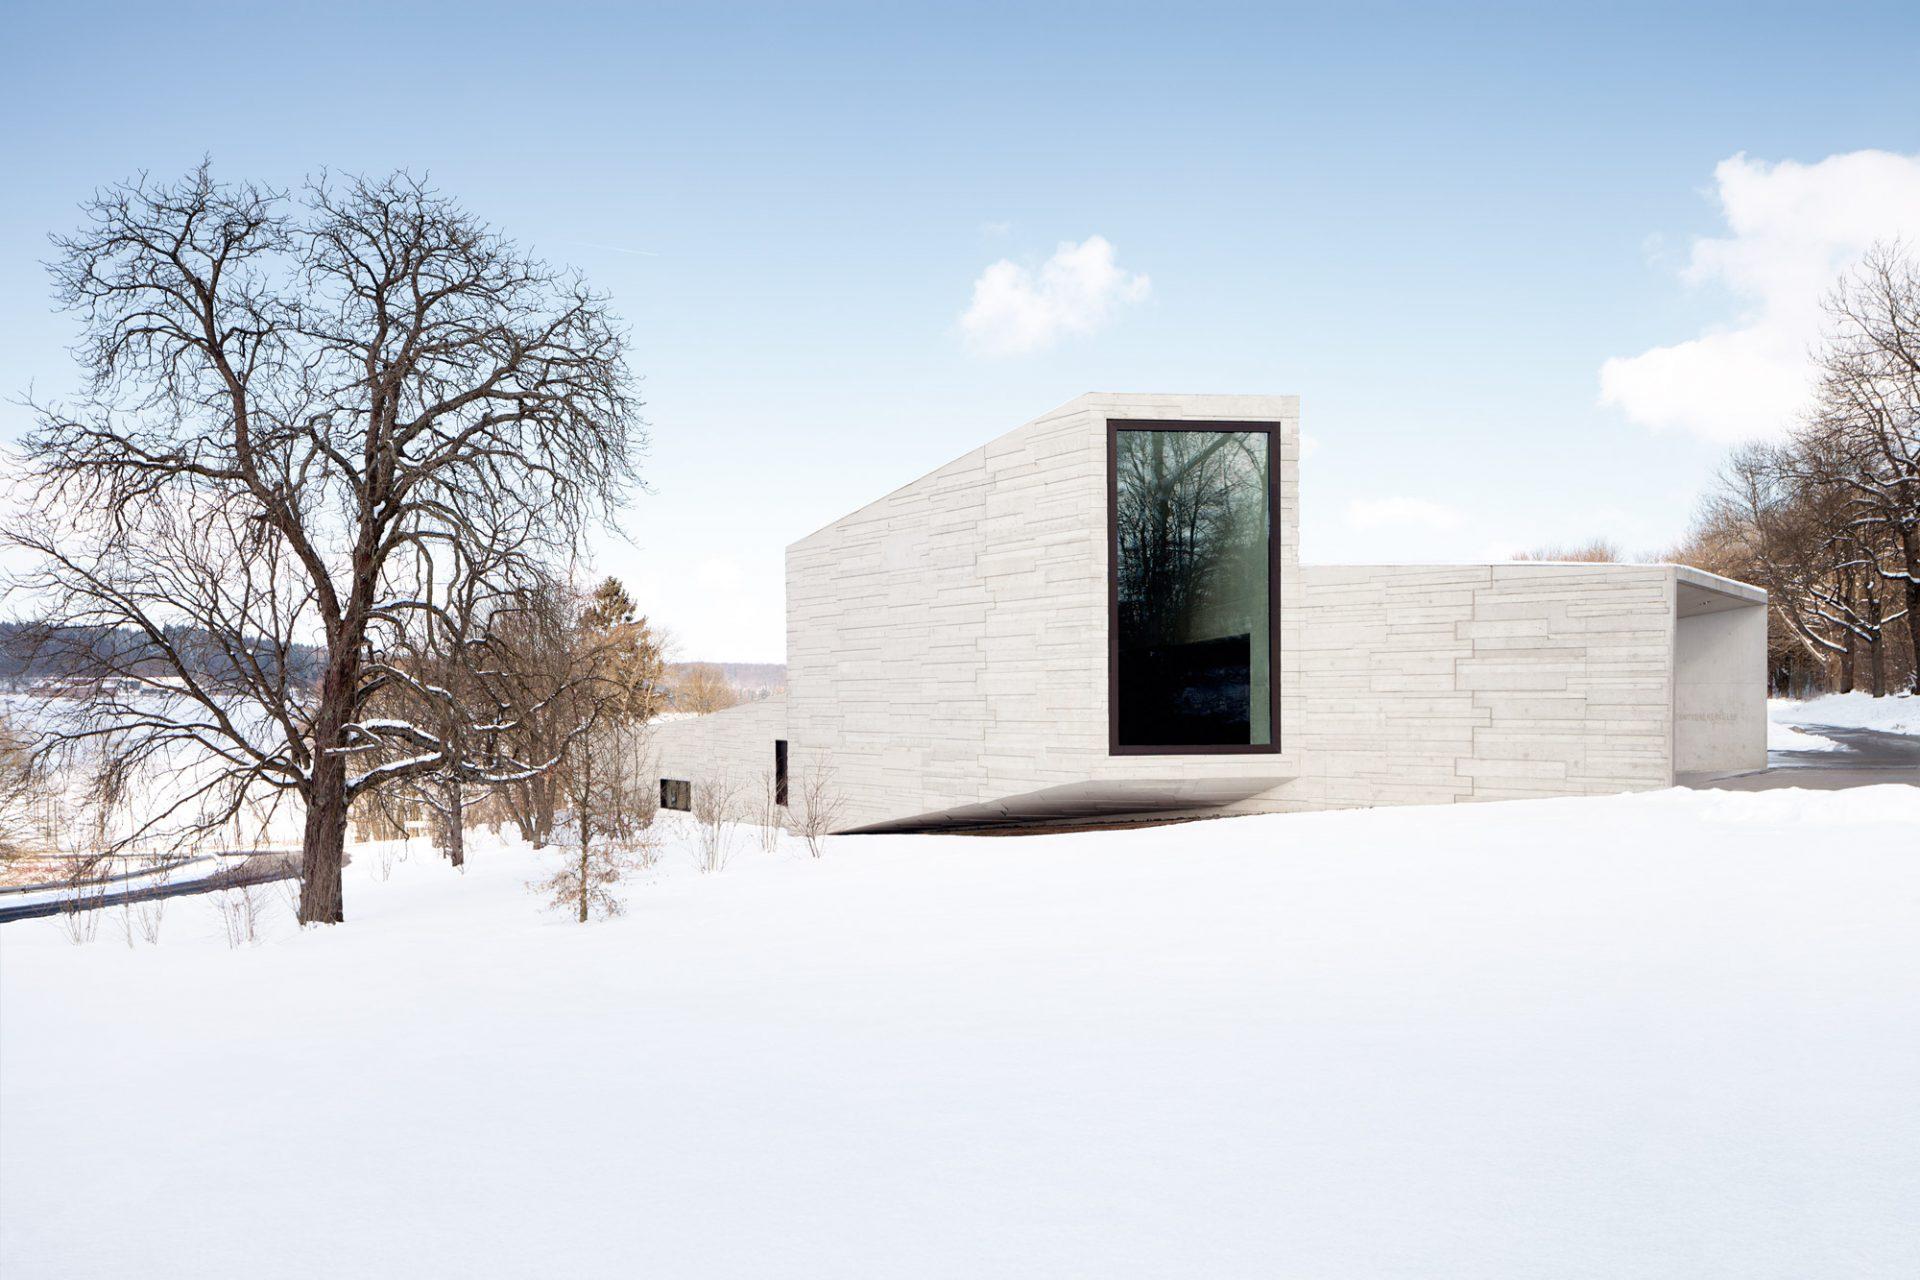 Staab Architekten Besucherzentrum Wilhelmshöhe Kassel Herkules